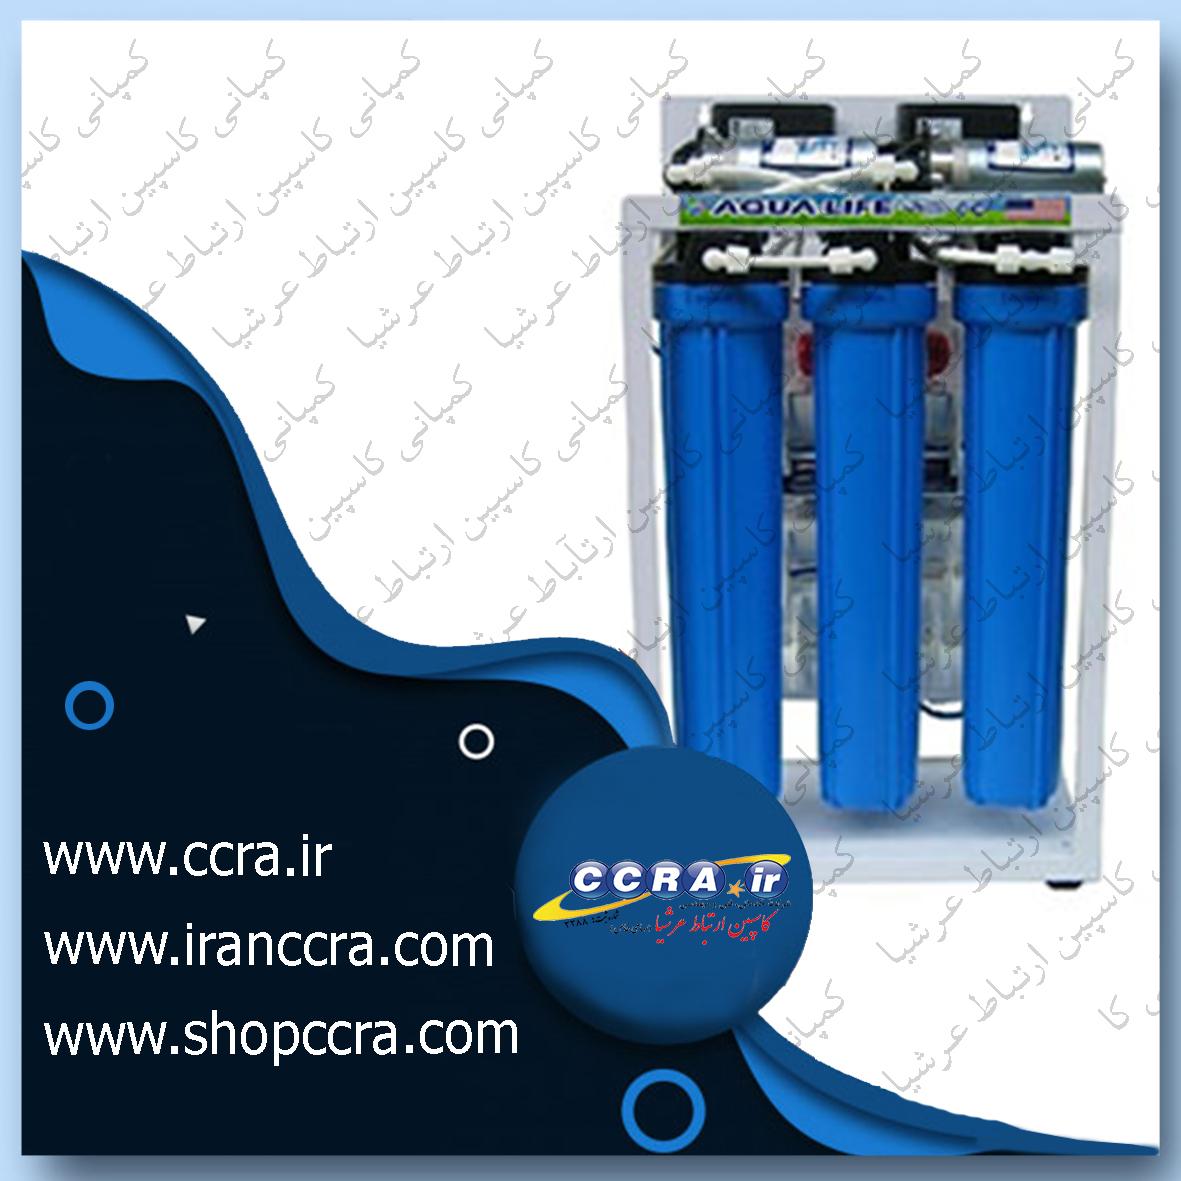 دستگاه تصفیه آب 200 گالنی نیمه صنعتی آکوالایف